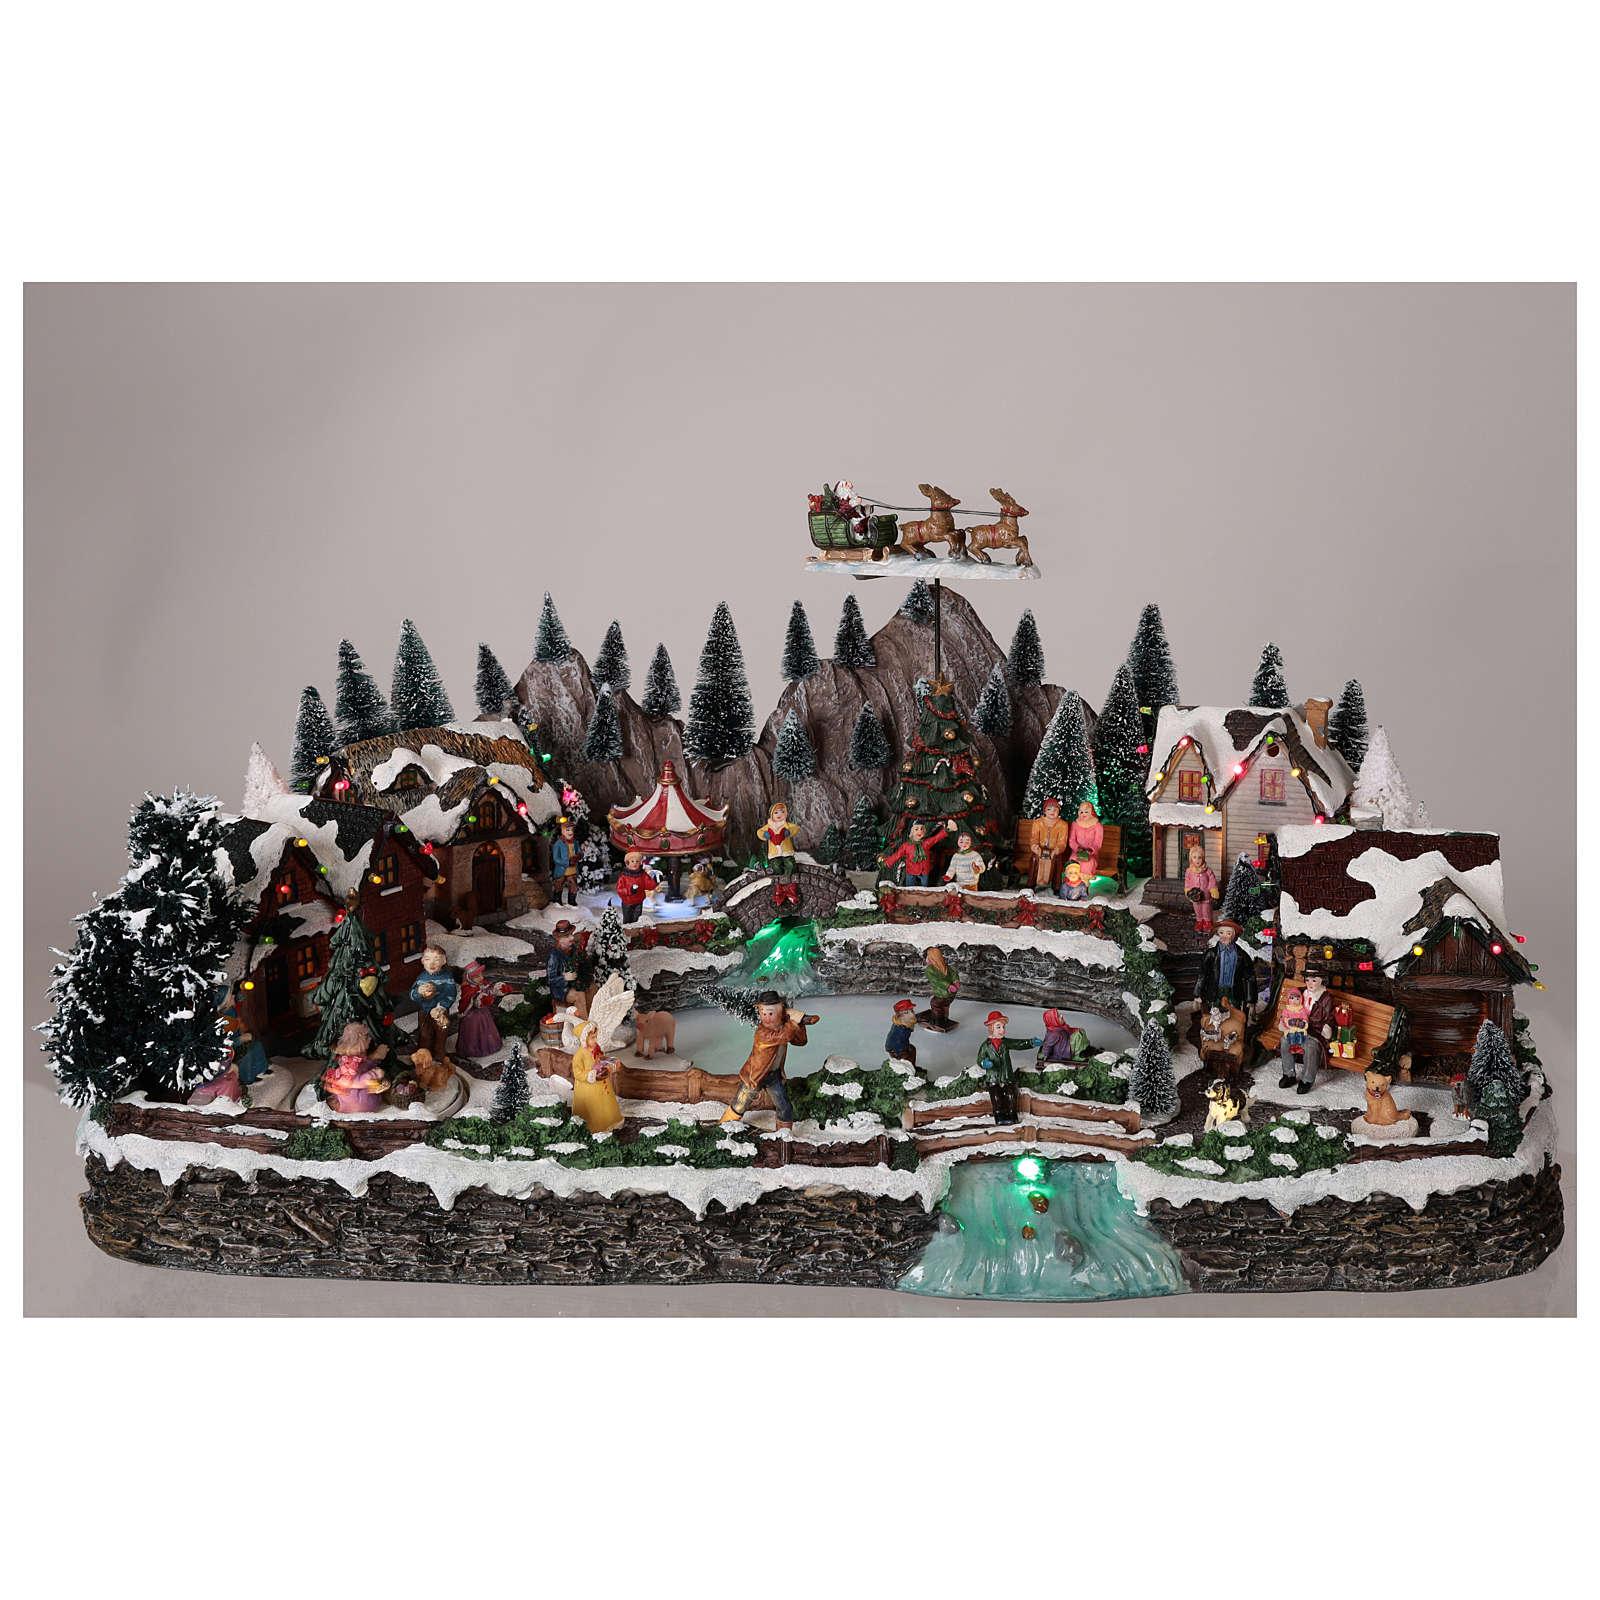 Pueblo navideño resina lago helado movimiento iluminación 35x65x40 cm 3